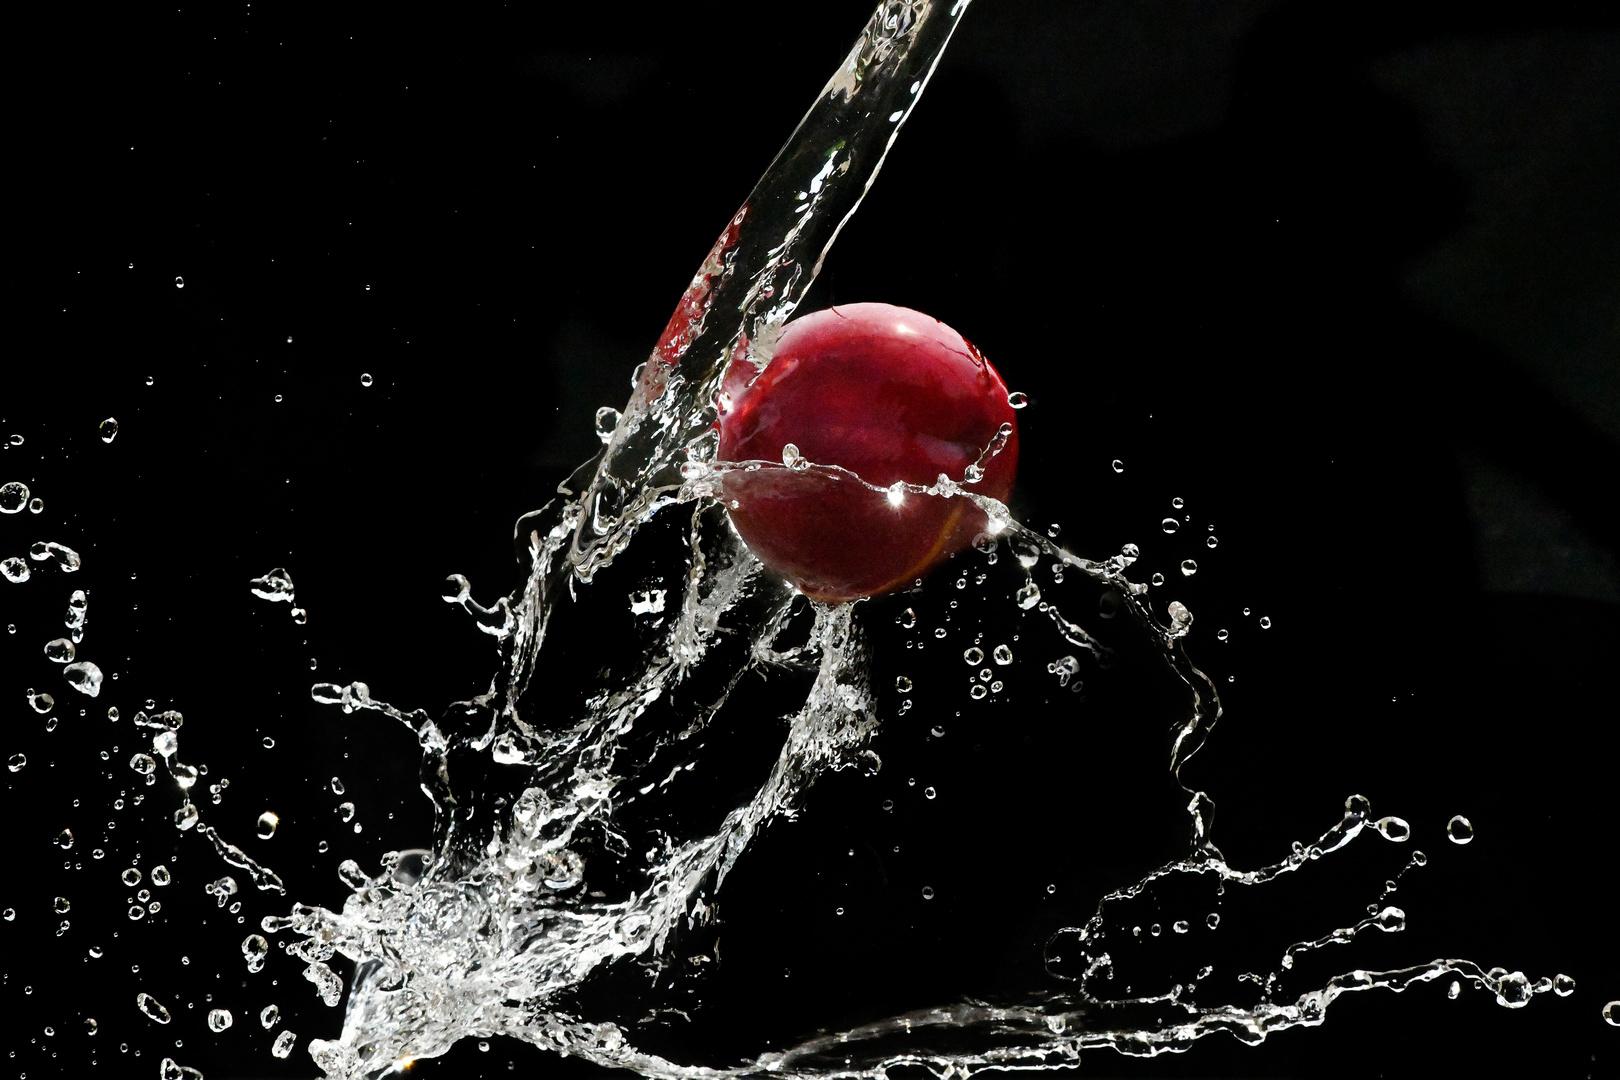 Pfirsich mit Wasser bespritzt